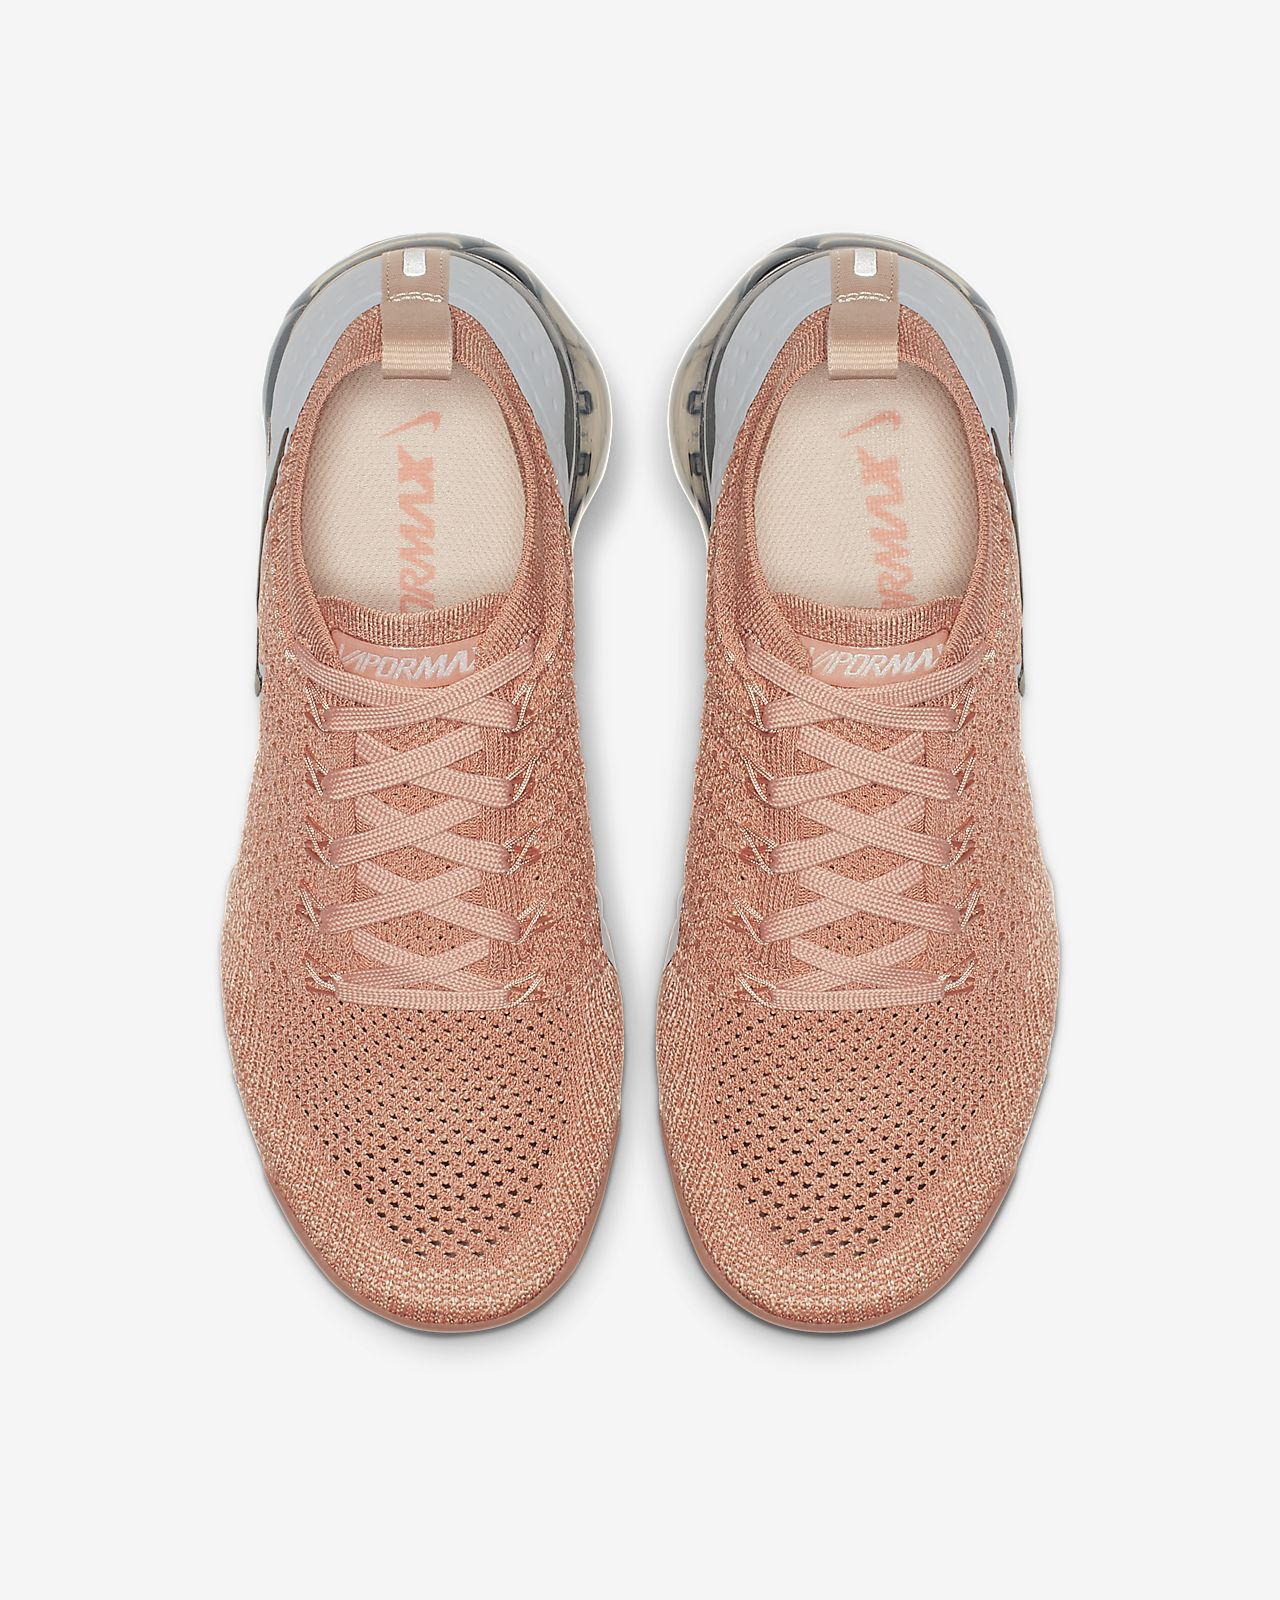 7d1abc7de6c4d Nike Air VaporMax Flyknit 2 Women s Shoe. Nike.com LU